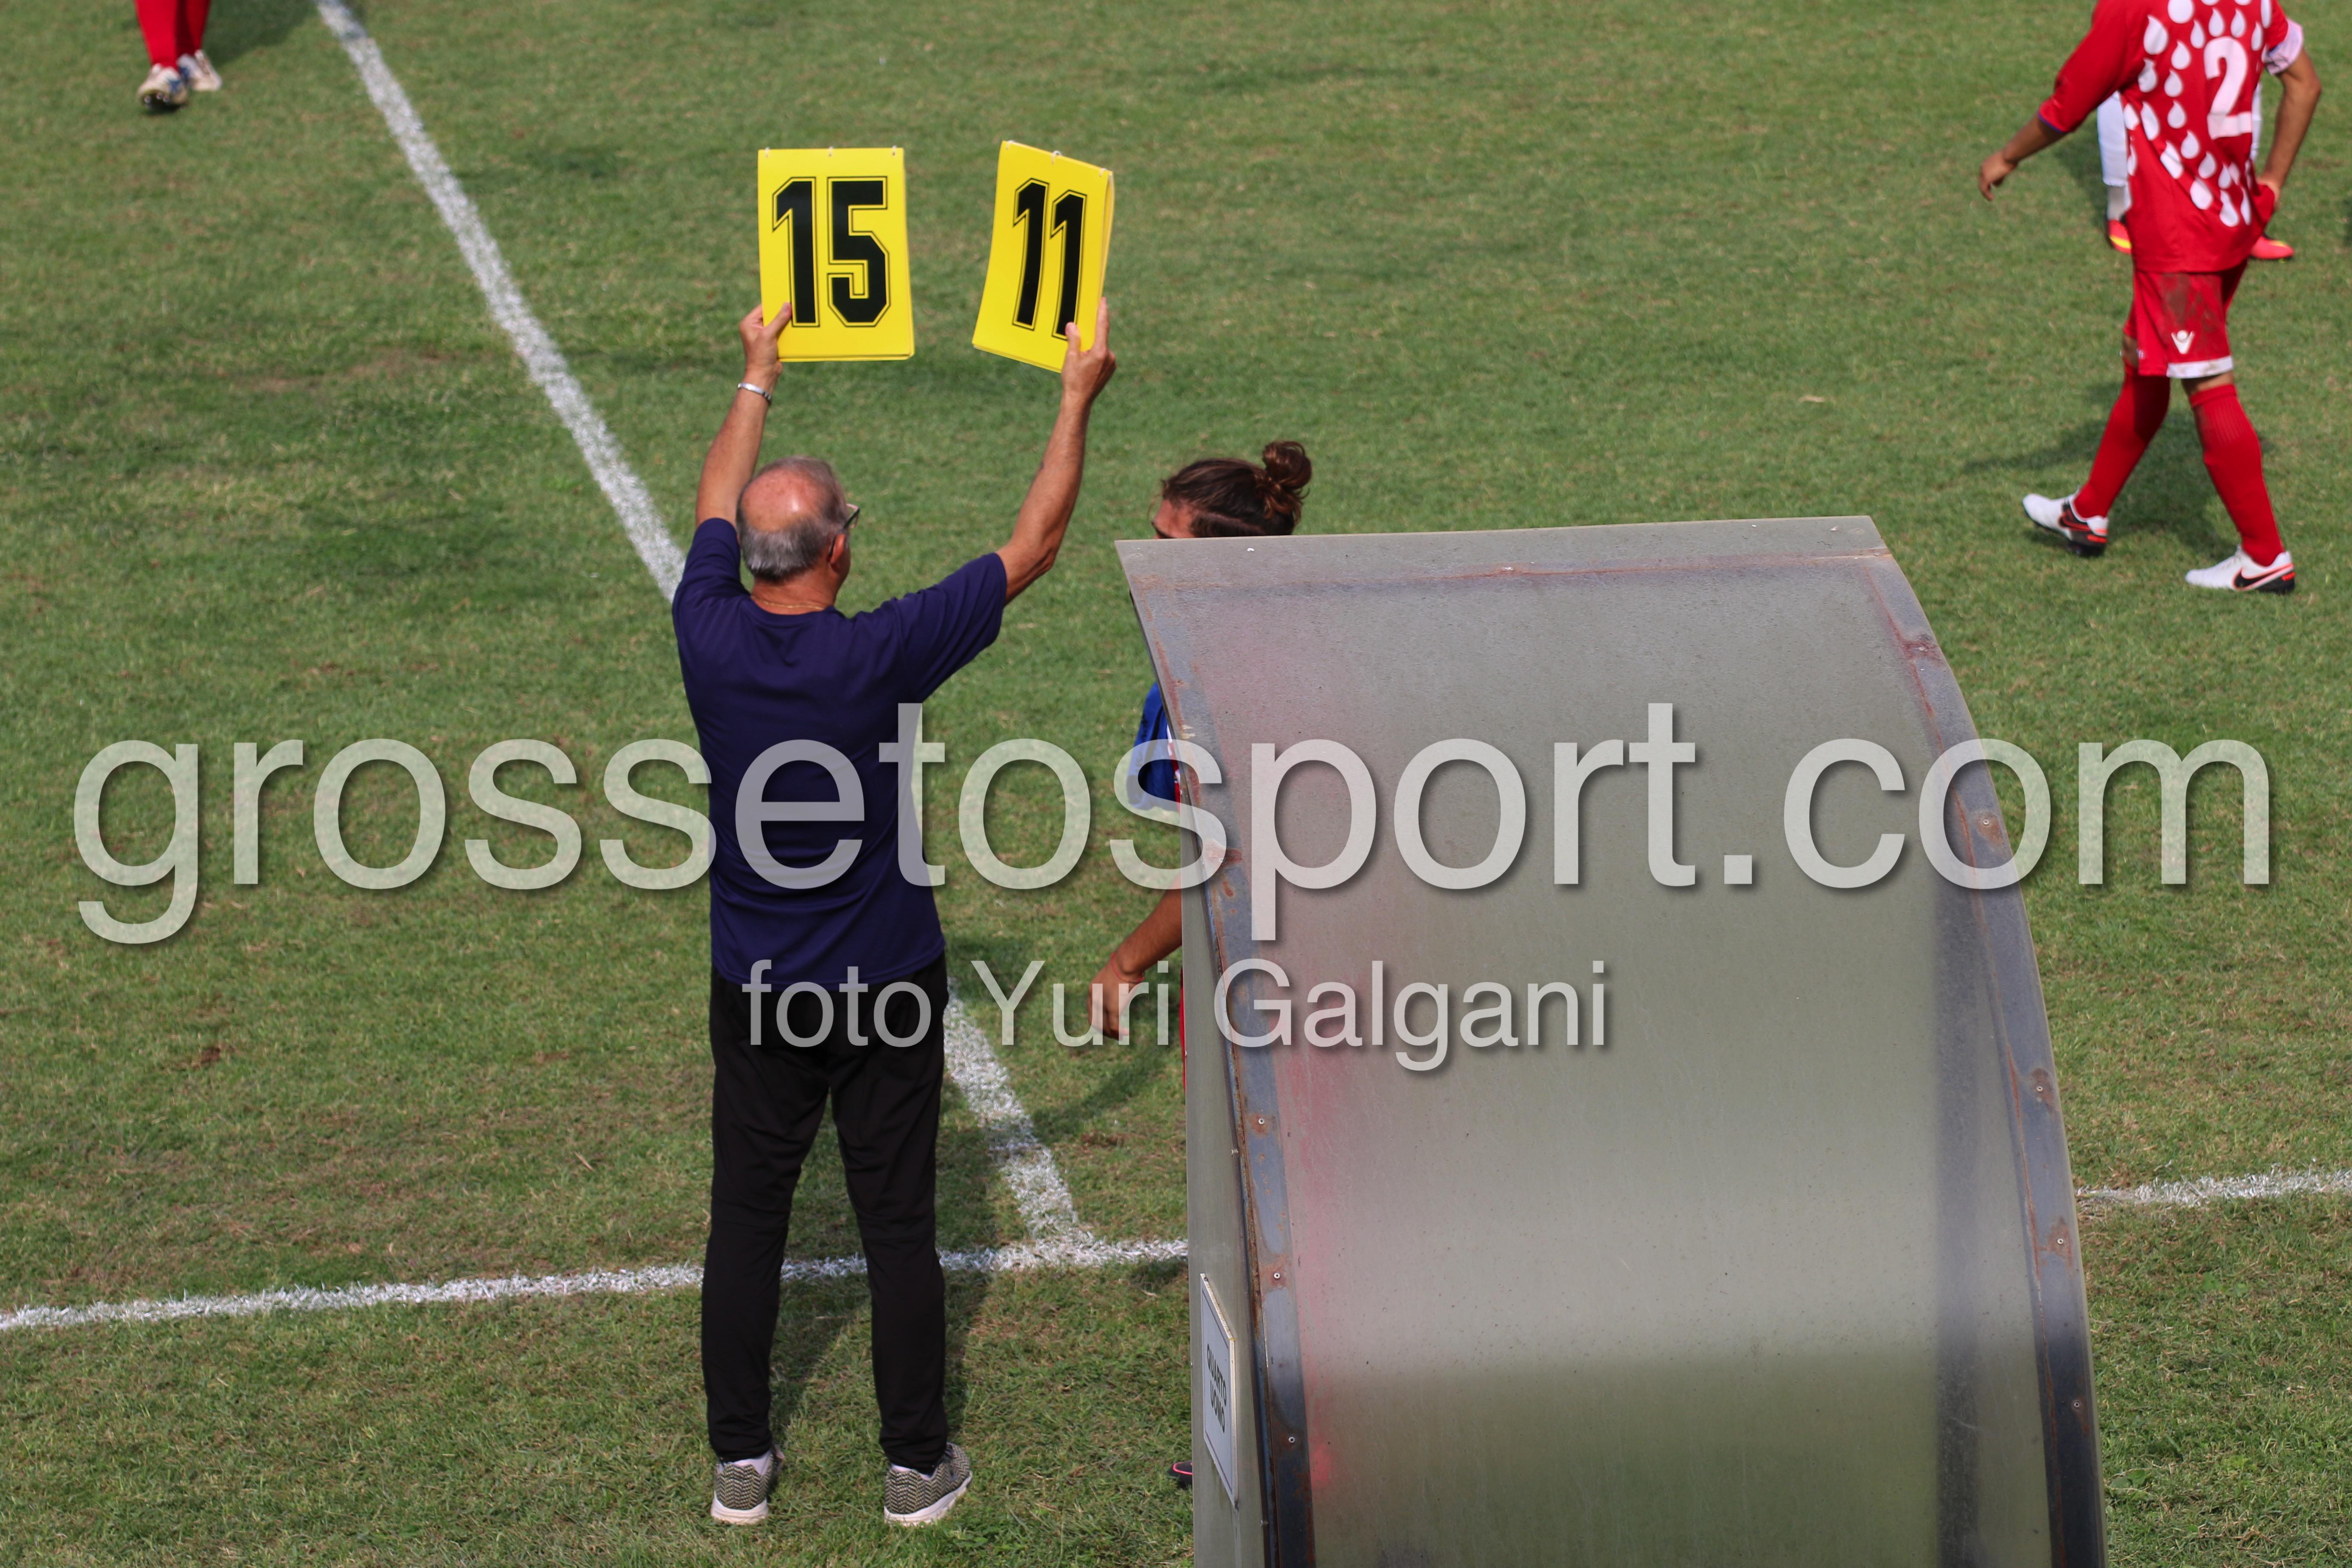 gavorrano-massese-1-a-0-11-settembre-2016mg_4332